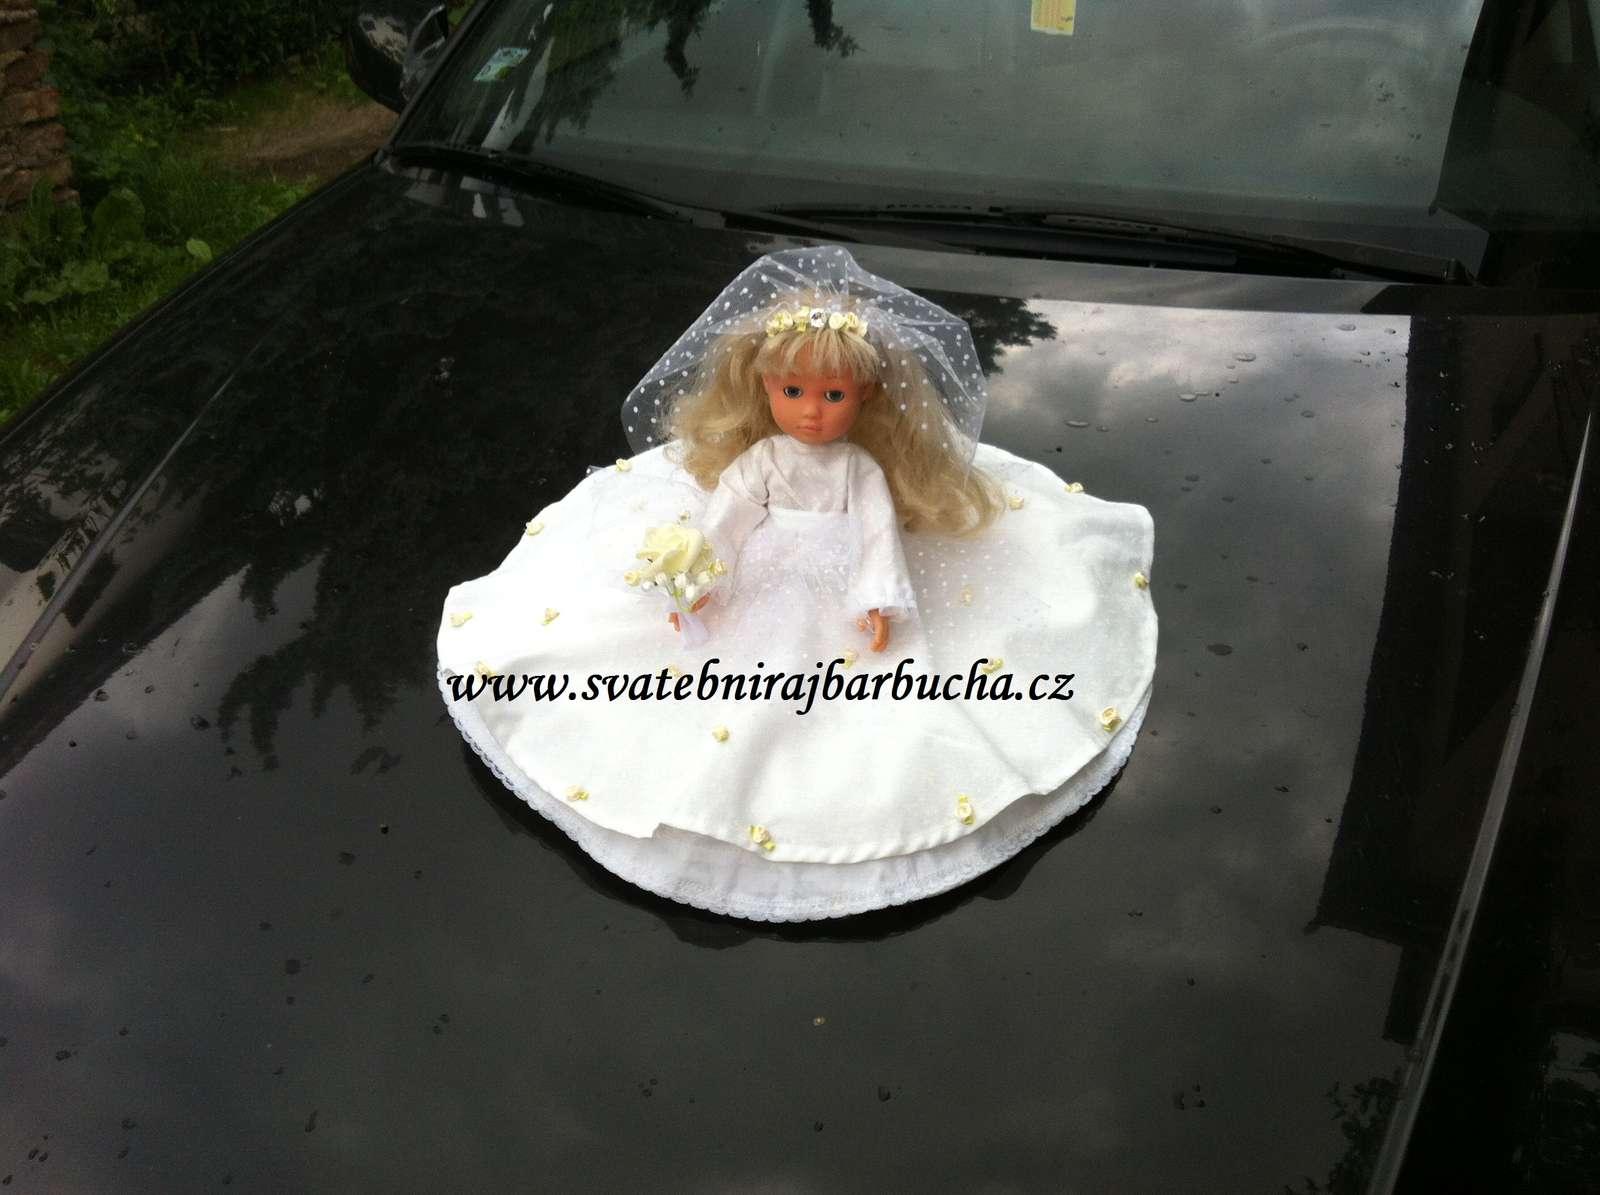 Svatební panenka na auto - Obrázek č. 1